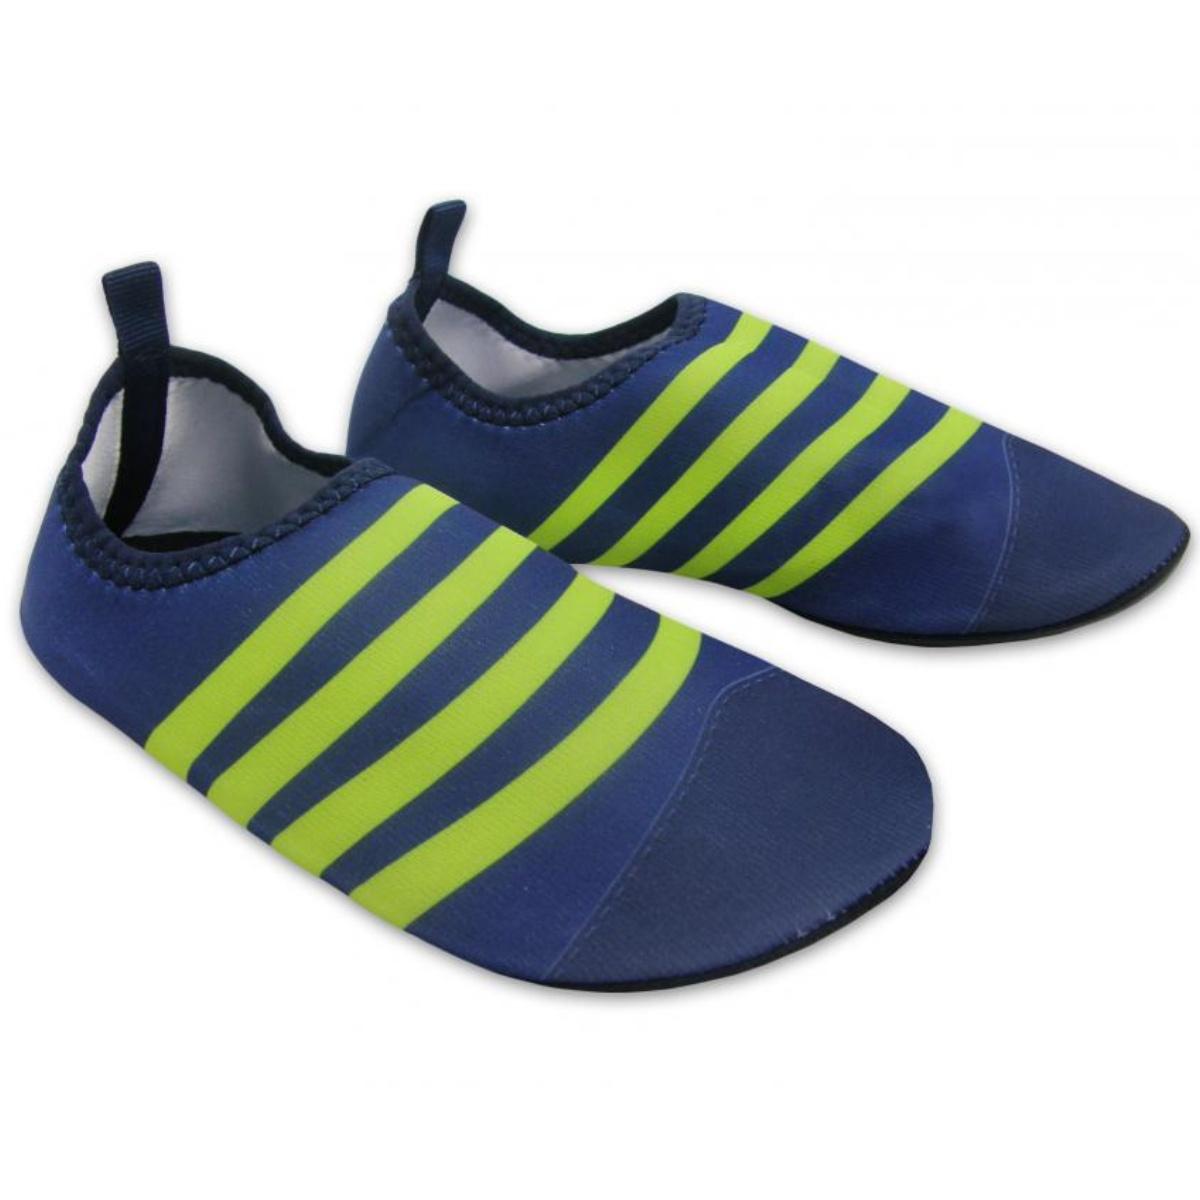 Topánky do vody SEDCO Strips modré - veľ. 39-40